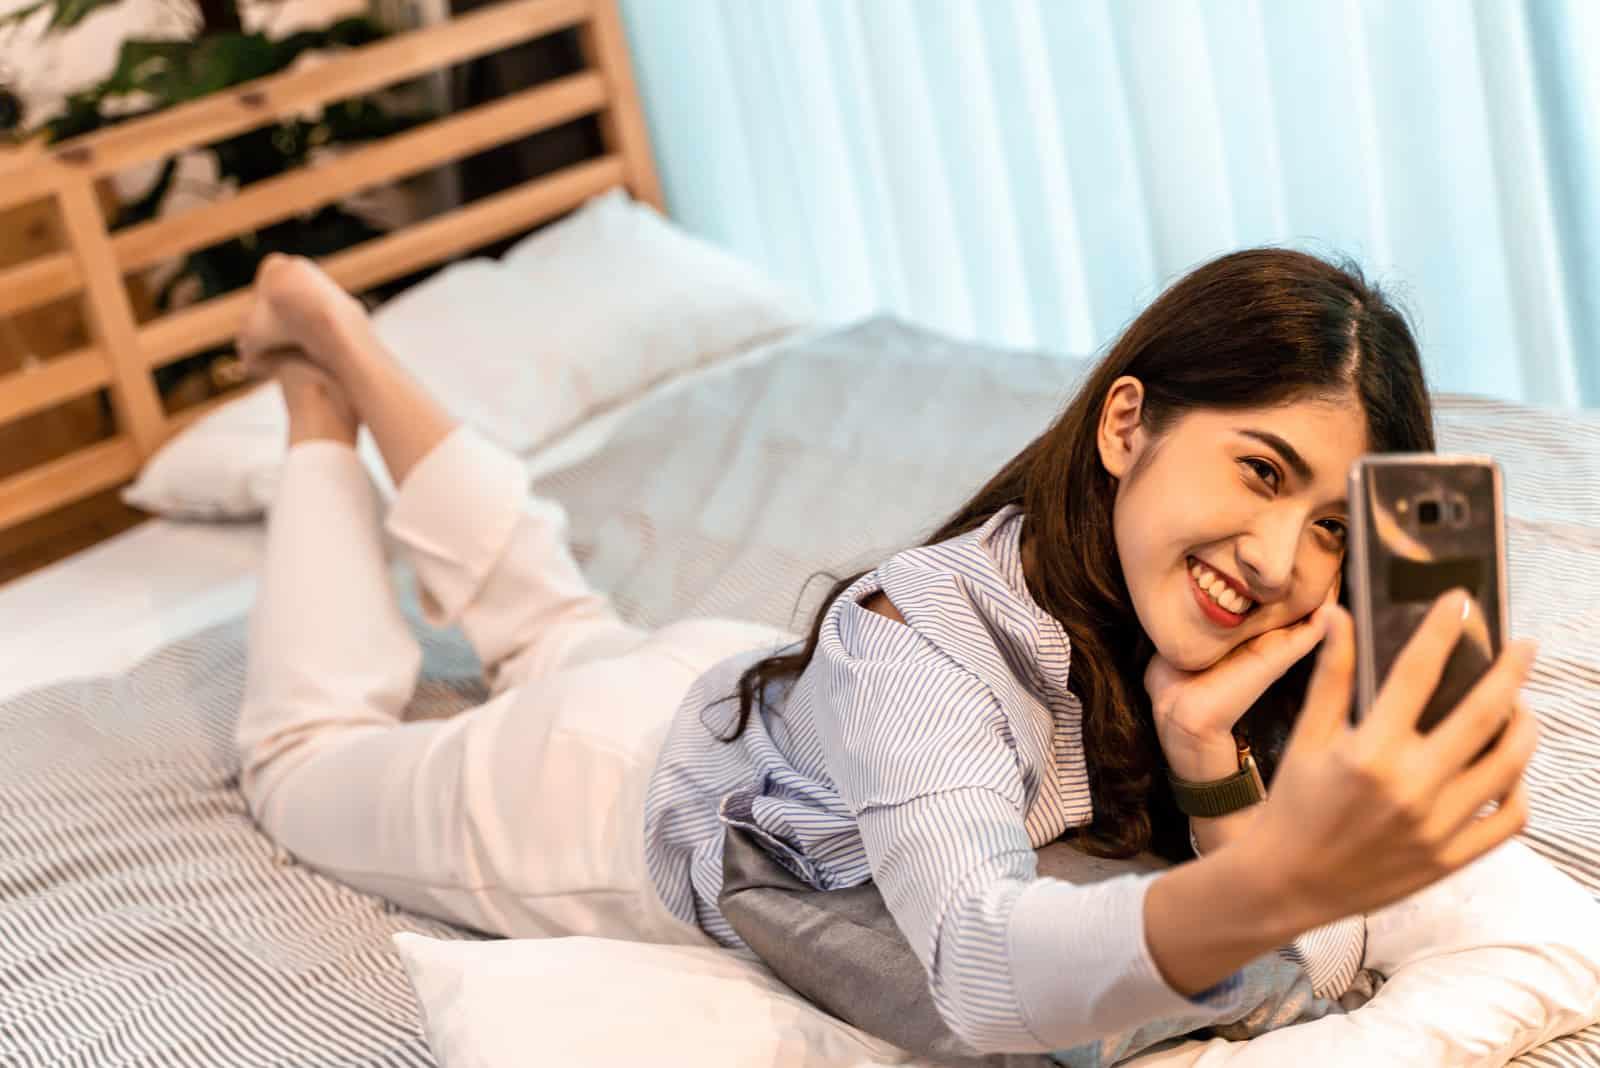 une femme souriante se trouve sur le lit et prend une photo